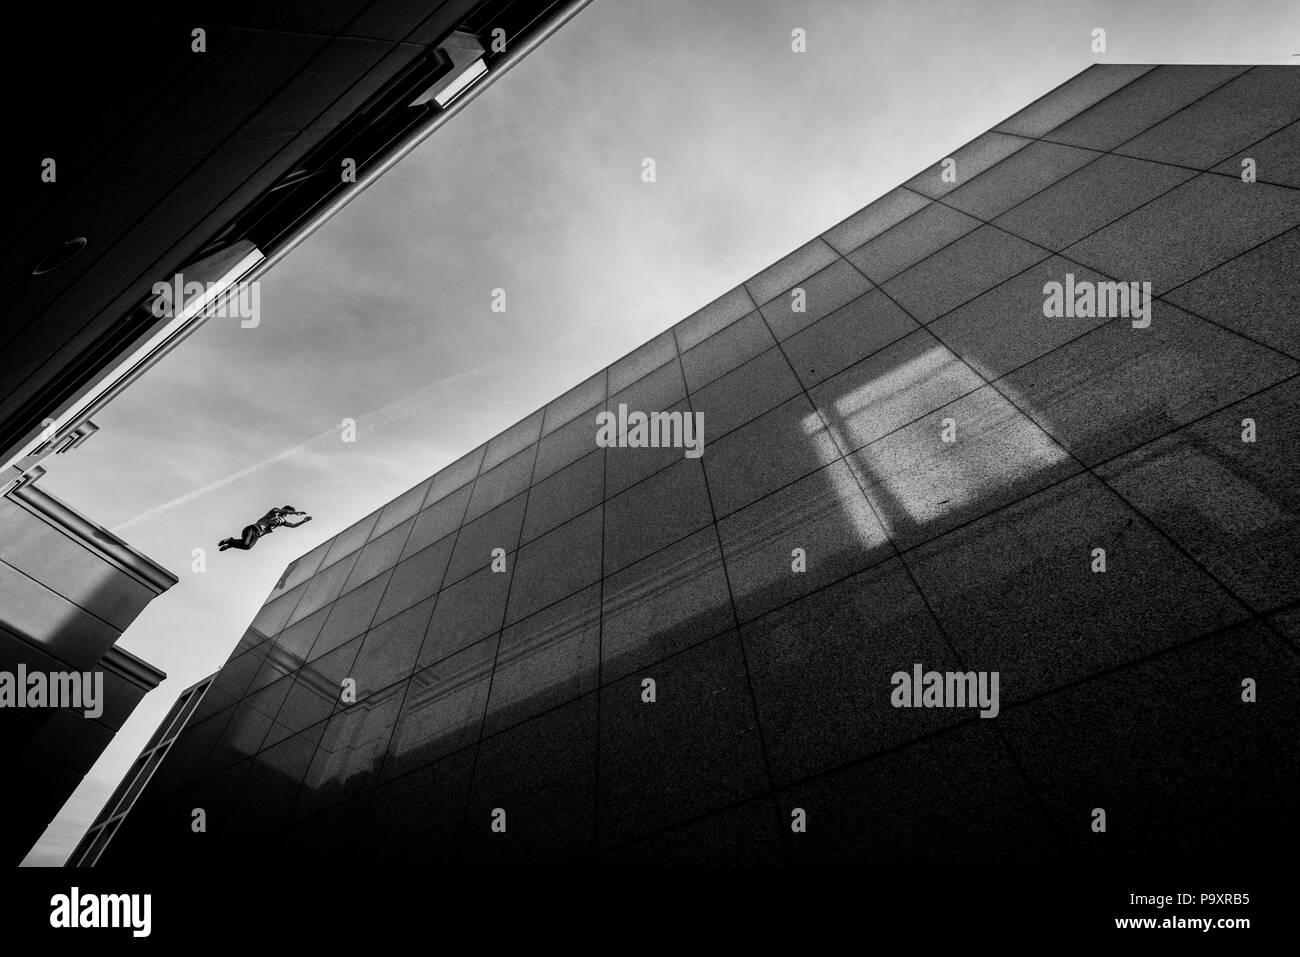 Vue de dessous du parkour masculin athlète sautant d'un toit à un autre Photo Stock